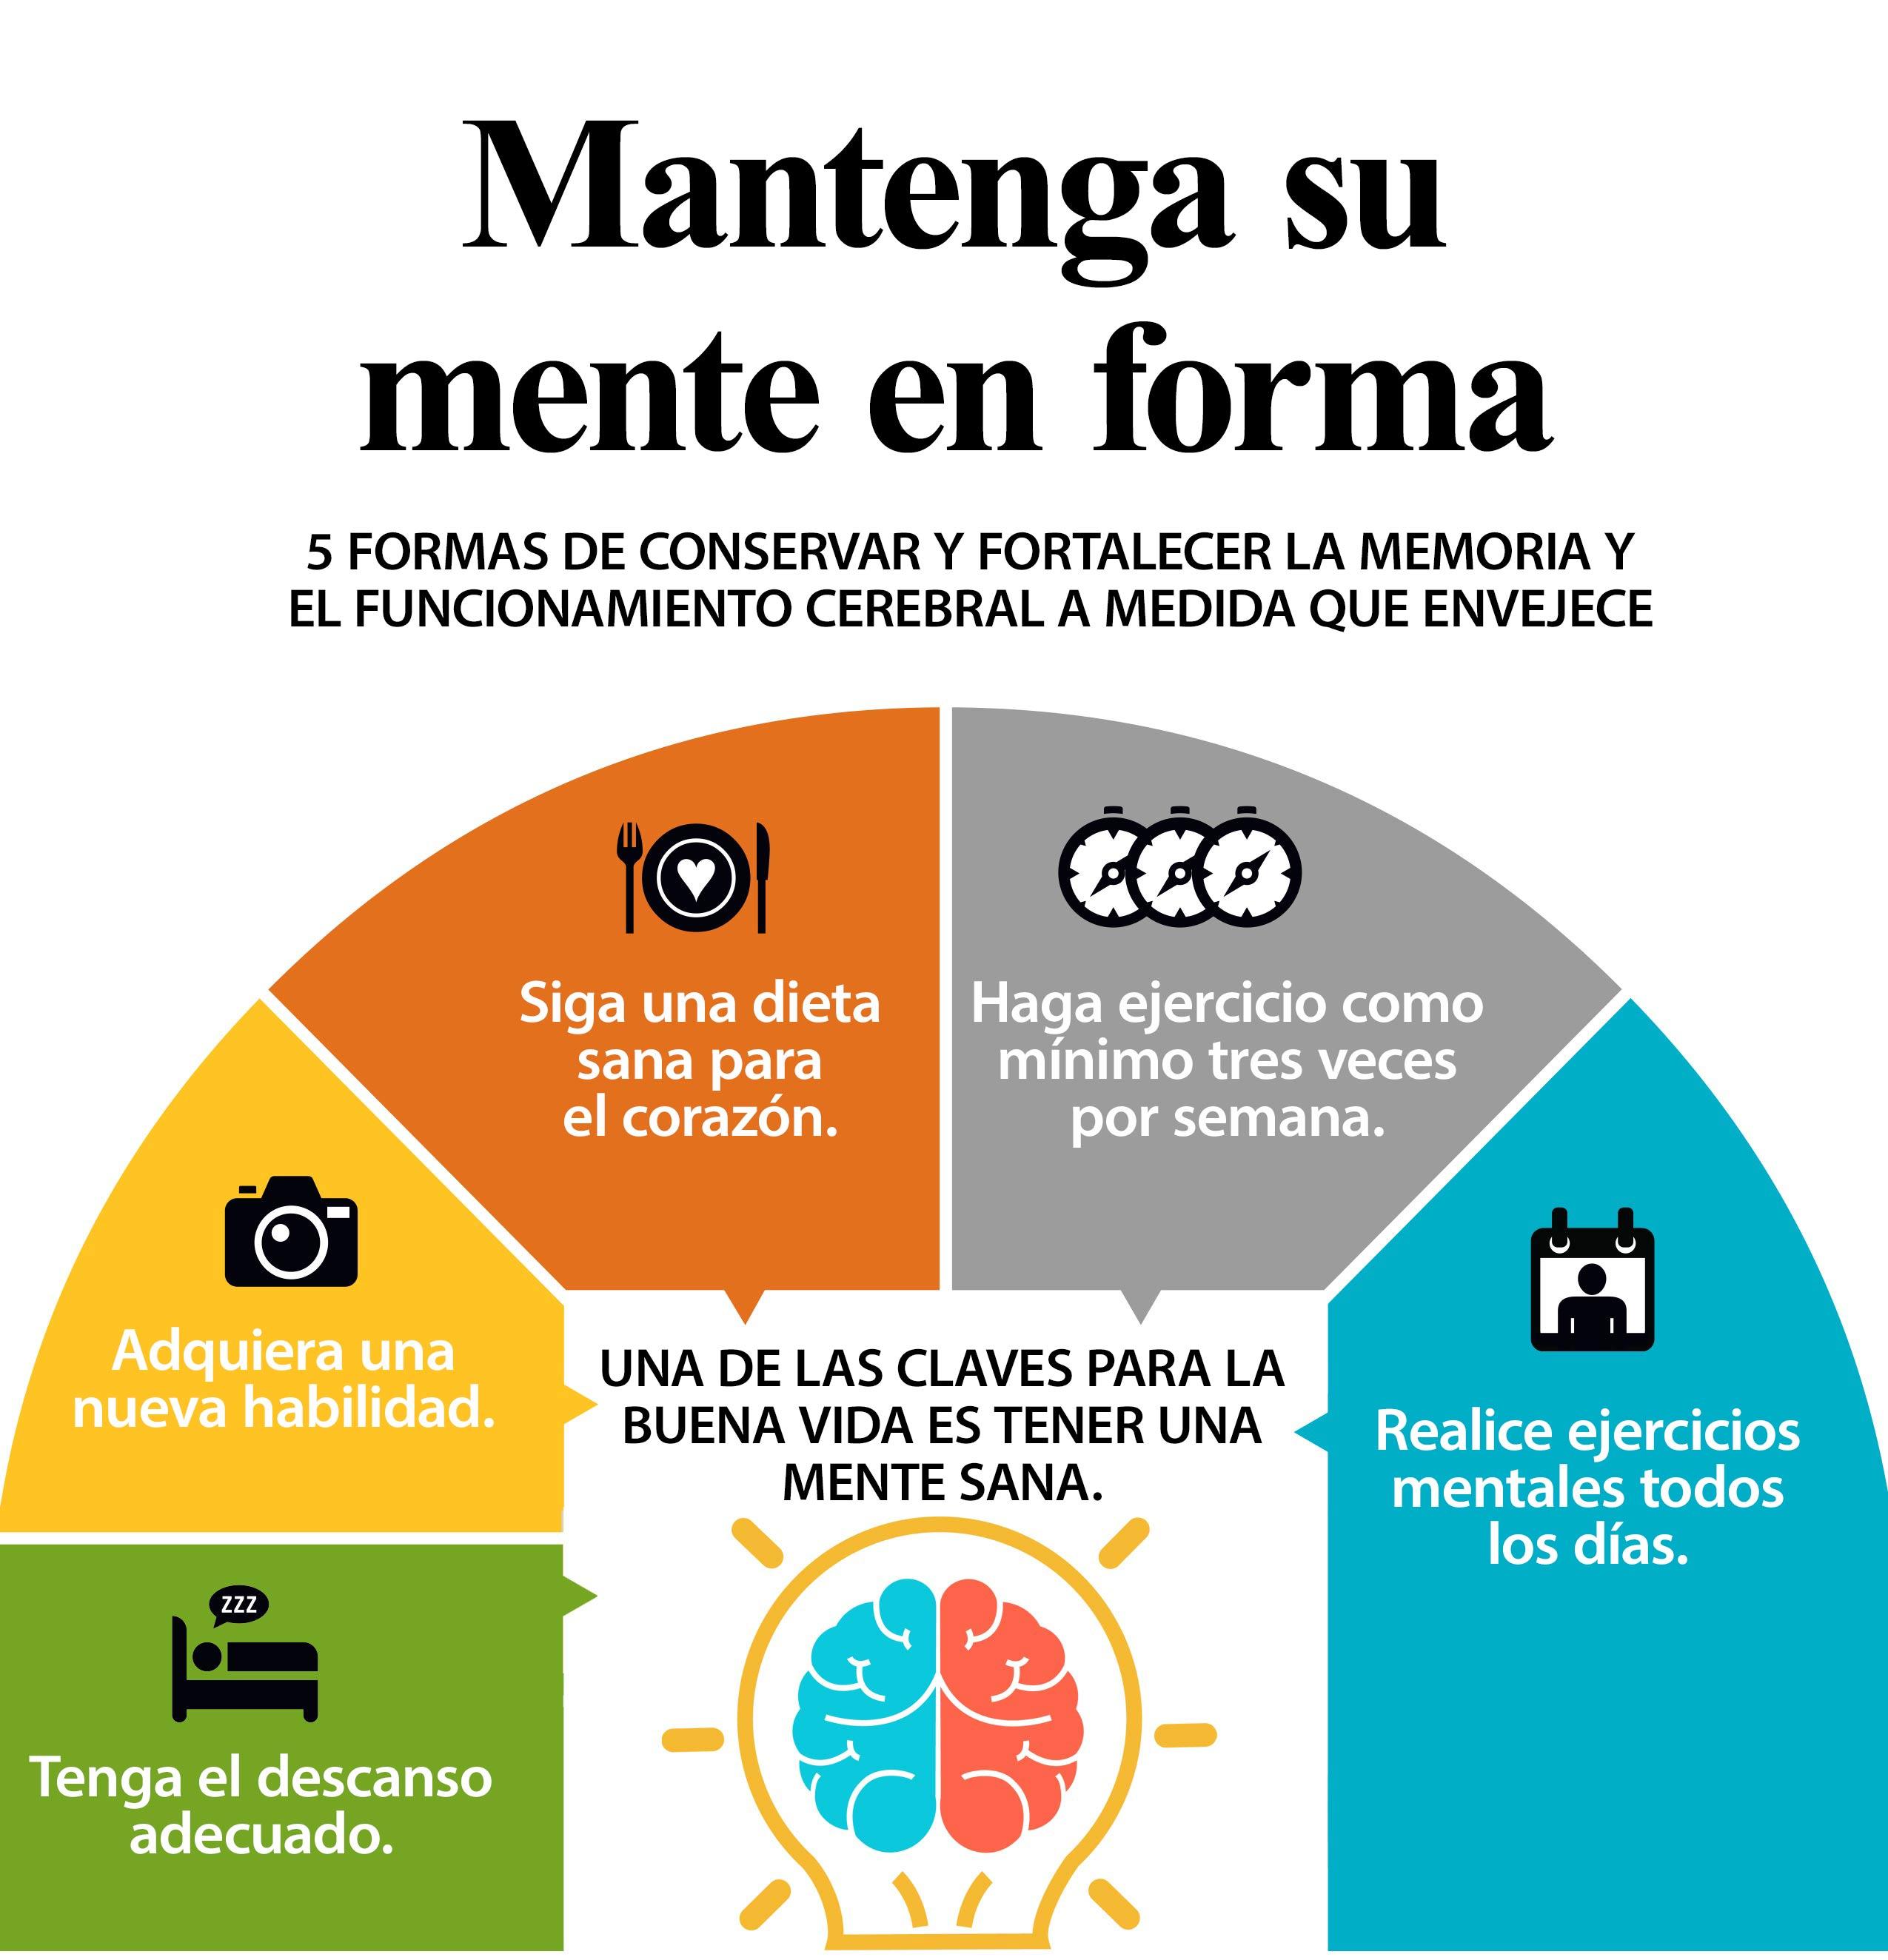 Gráfico informativo acerca de cómo mantener su mente en forma